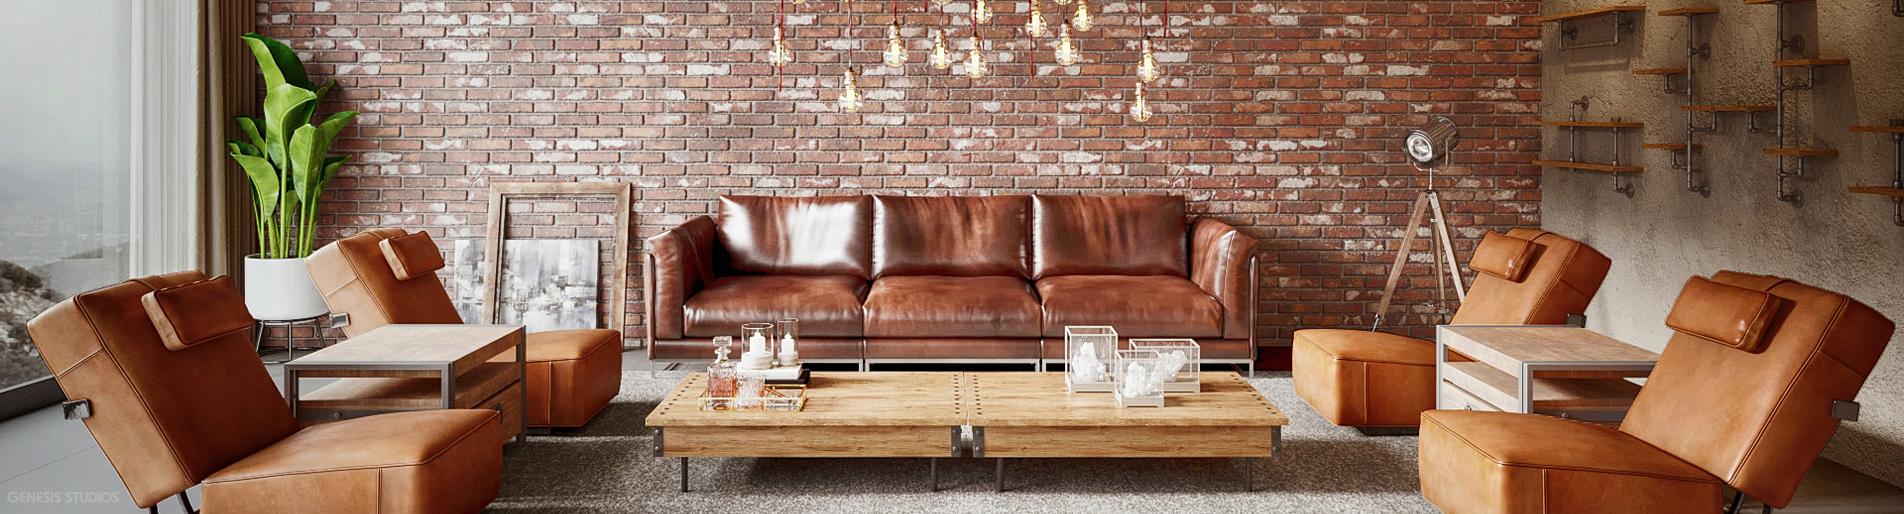 Digital Rendering of an Industrial Living Room